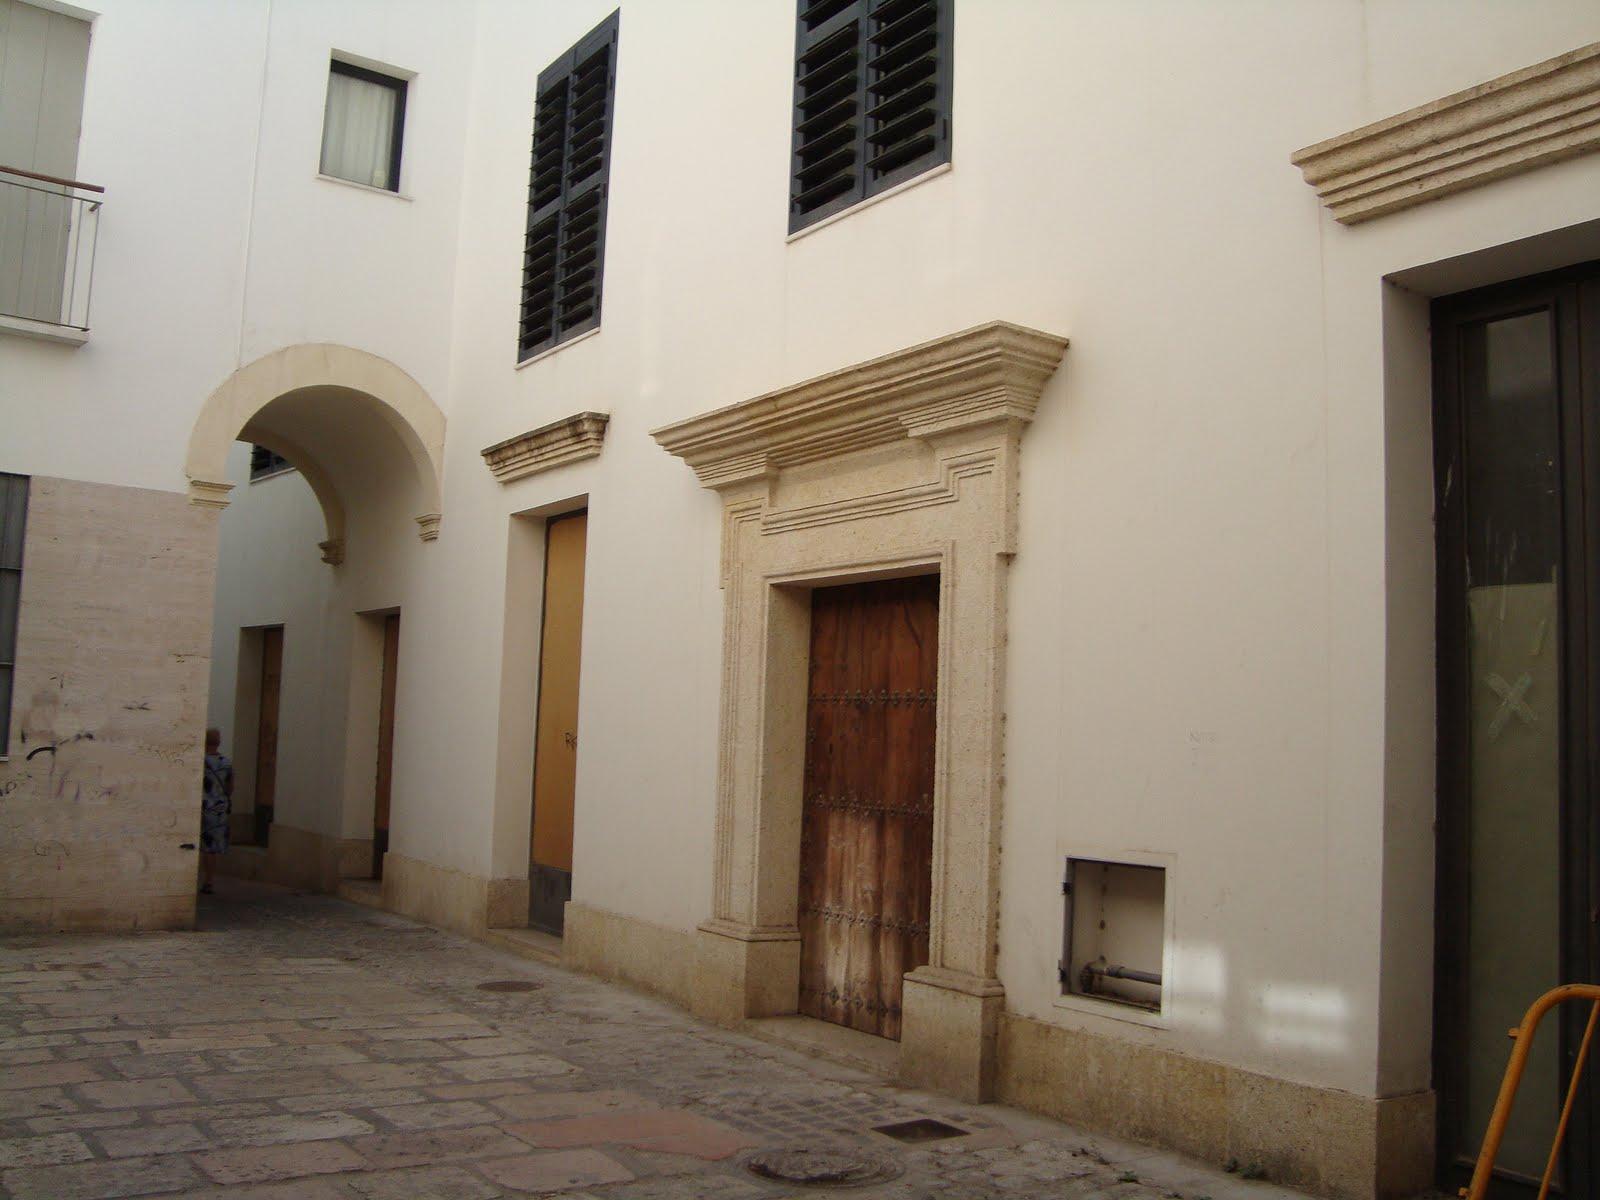 Miradas compartidas casa de los puche casas se oriales for Inmobiliarias de almeria